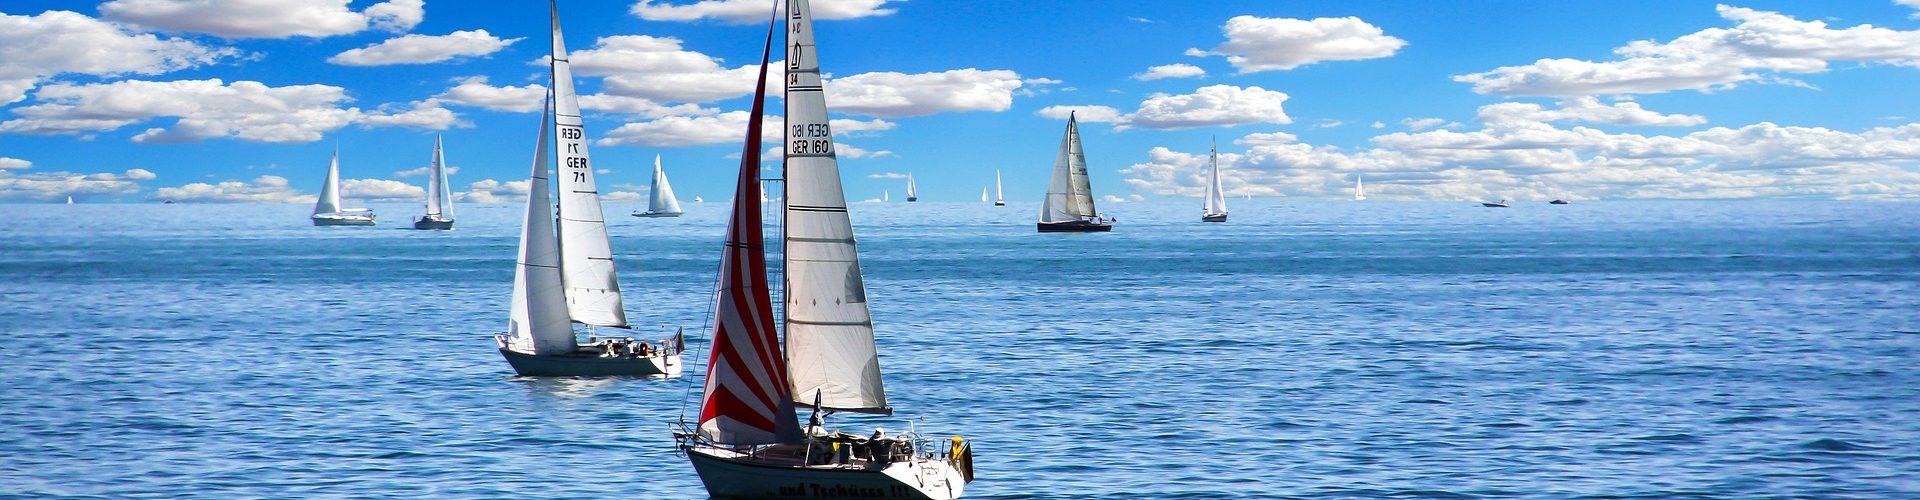 segeln lernen in Waging am See segelschein machen in Waging am See 1920x500 - Segeln lernen in Waging am See